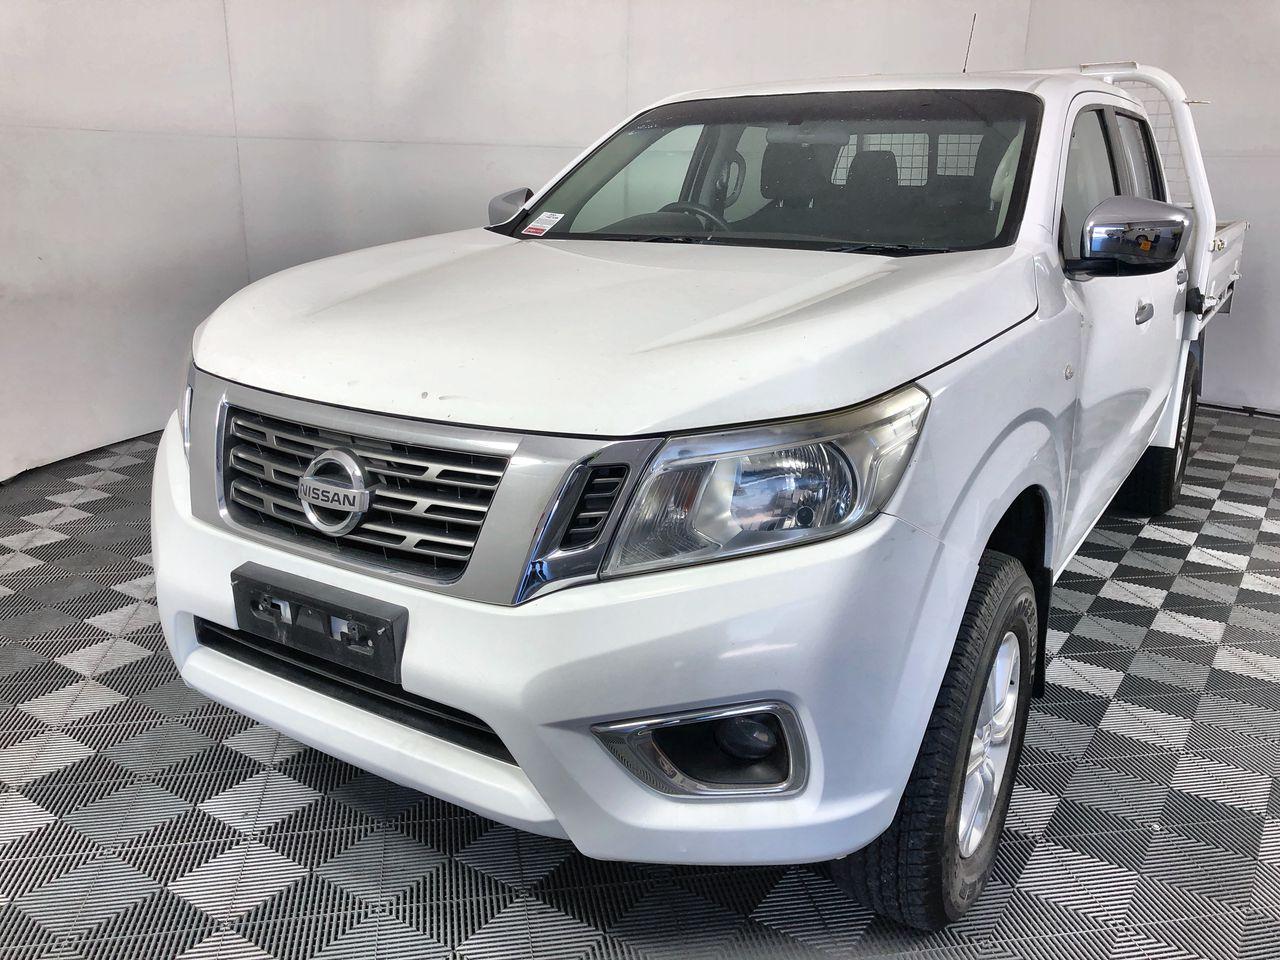 2015 Nissan Navara NP300 4x4 71,038km's Auto